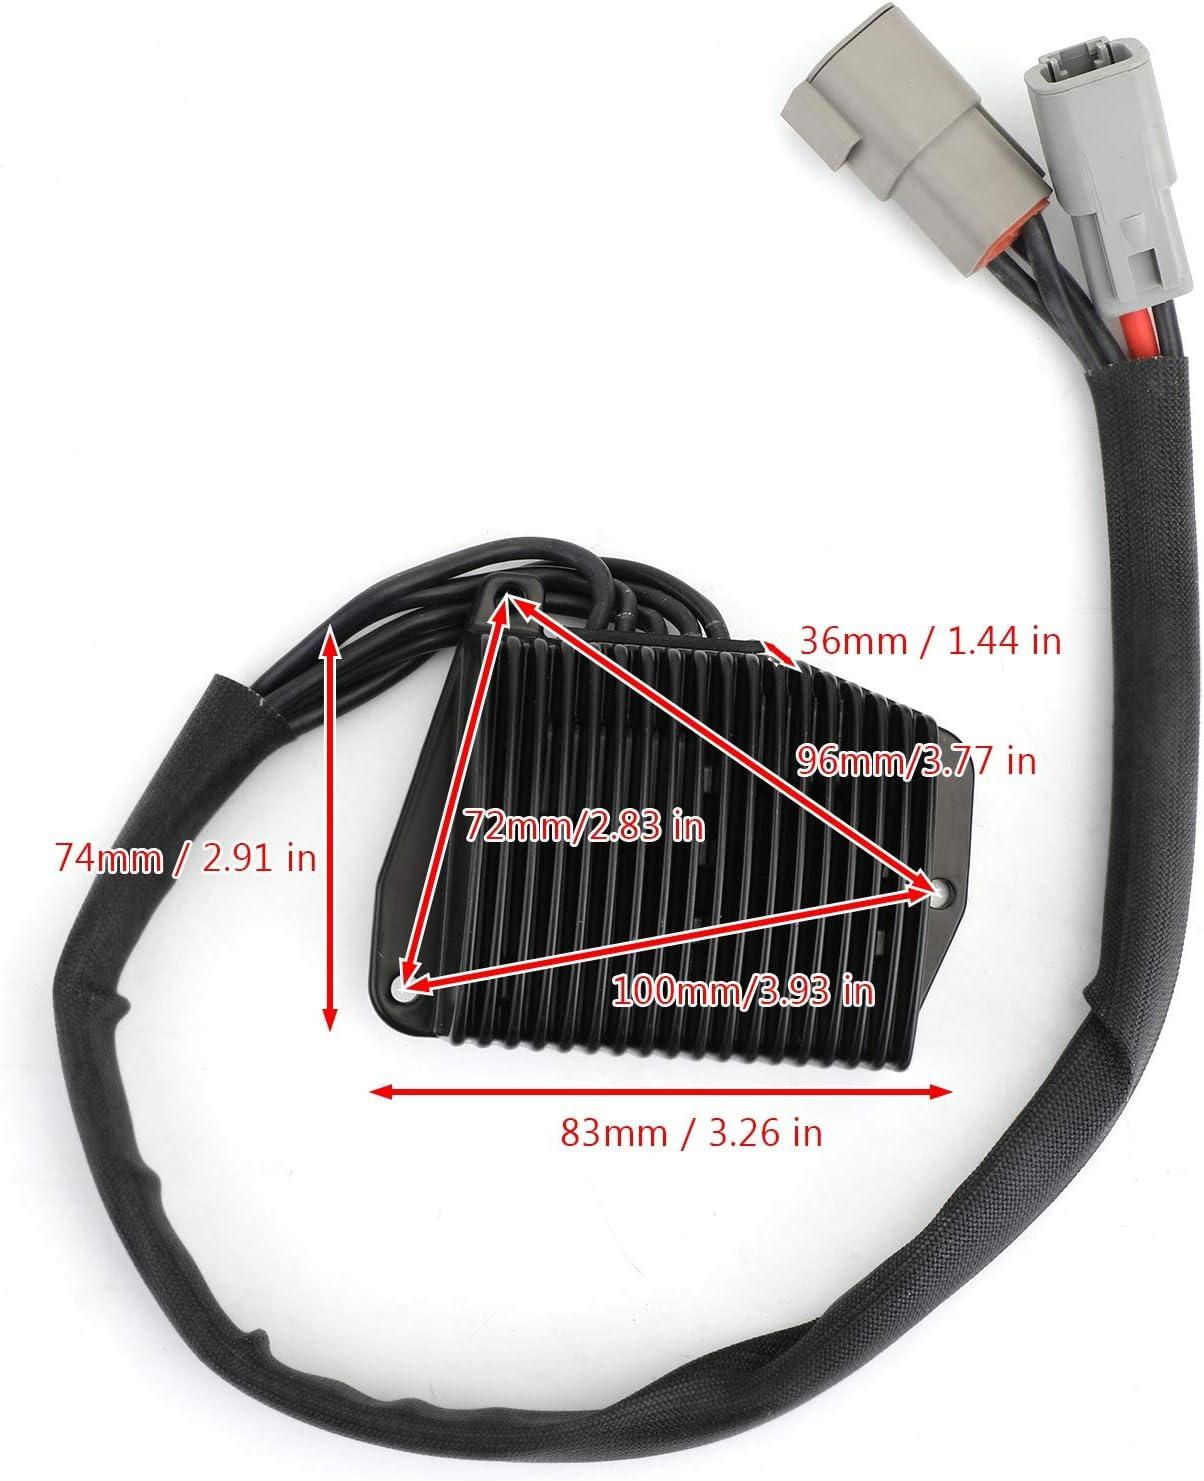 Areyourshop Rectificador regulador de voltaje para b-u-e-l-l XB9R Firebolt 2002-2007 #Y1302-02A8